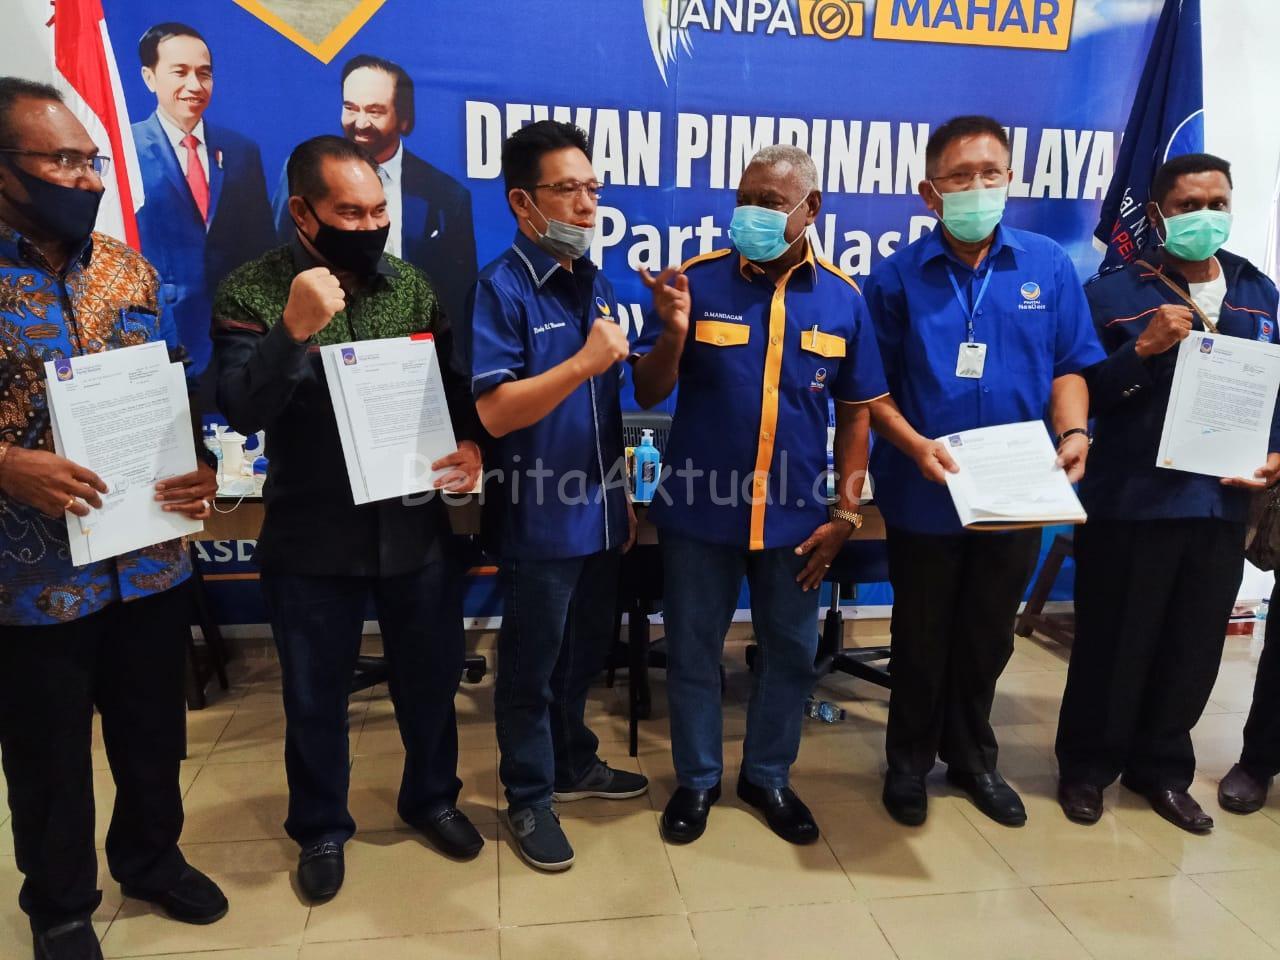 DPW Nasdem PB Beri Rekomendasi ke 5 Paslon Cabup-Cawabup Pilkada 2020 1 IMG 20200725 WA0081